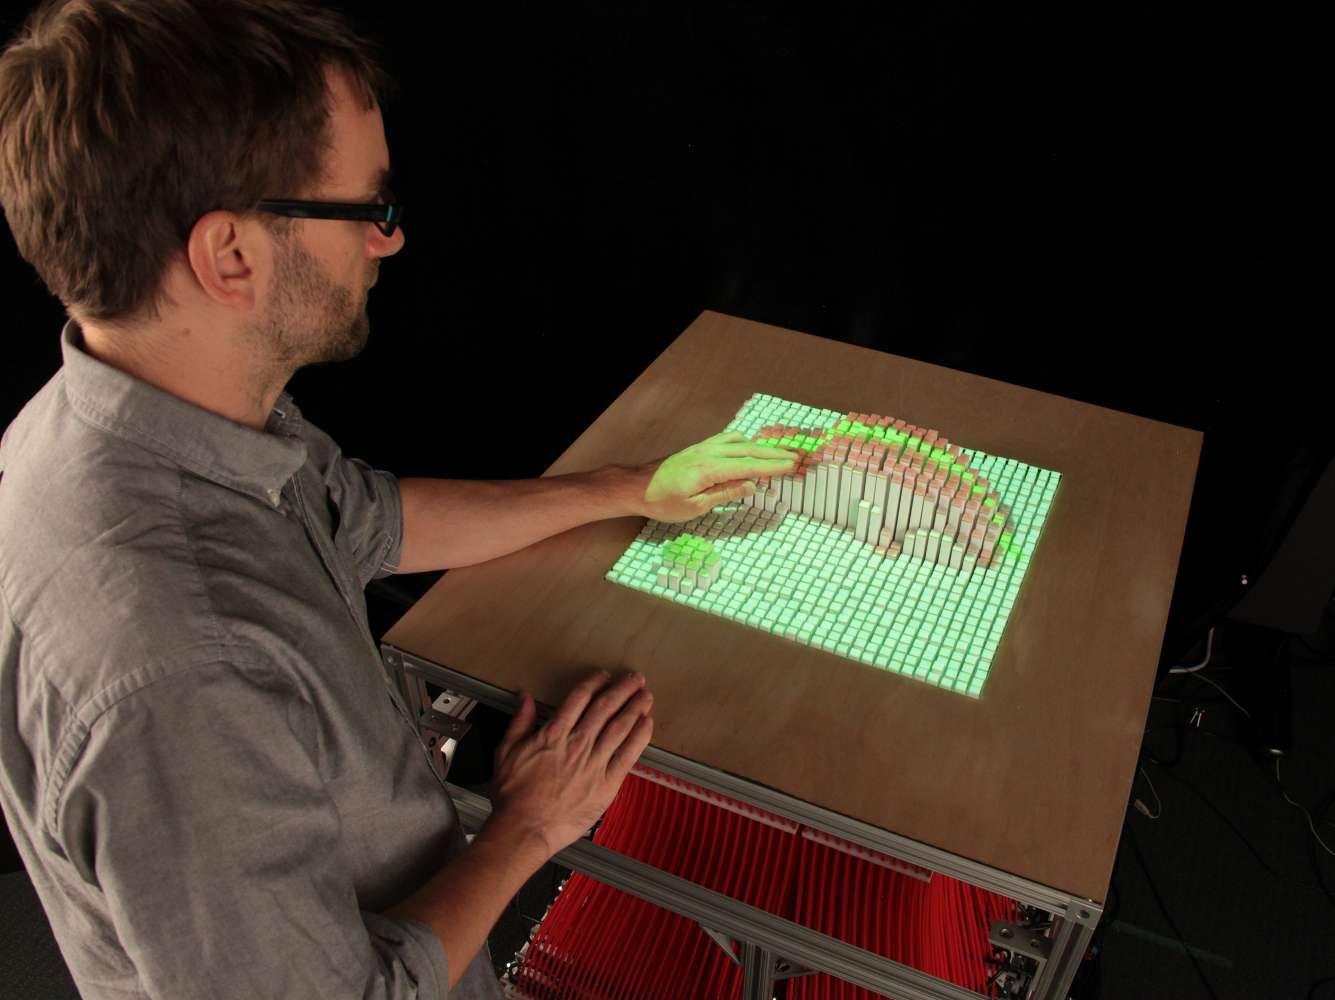 Cette table dynamique, appelée InForm, pourrait servir à représenter des objets d'une manière inédite en relief, aussi bien en architecture qu'en médecine. © Tangible Media Group, MIT, cc by nc nd 2.0